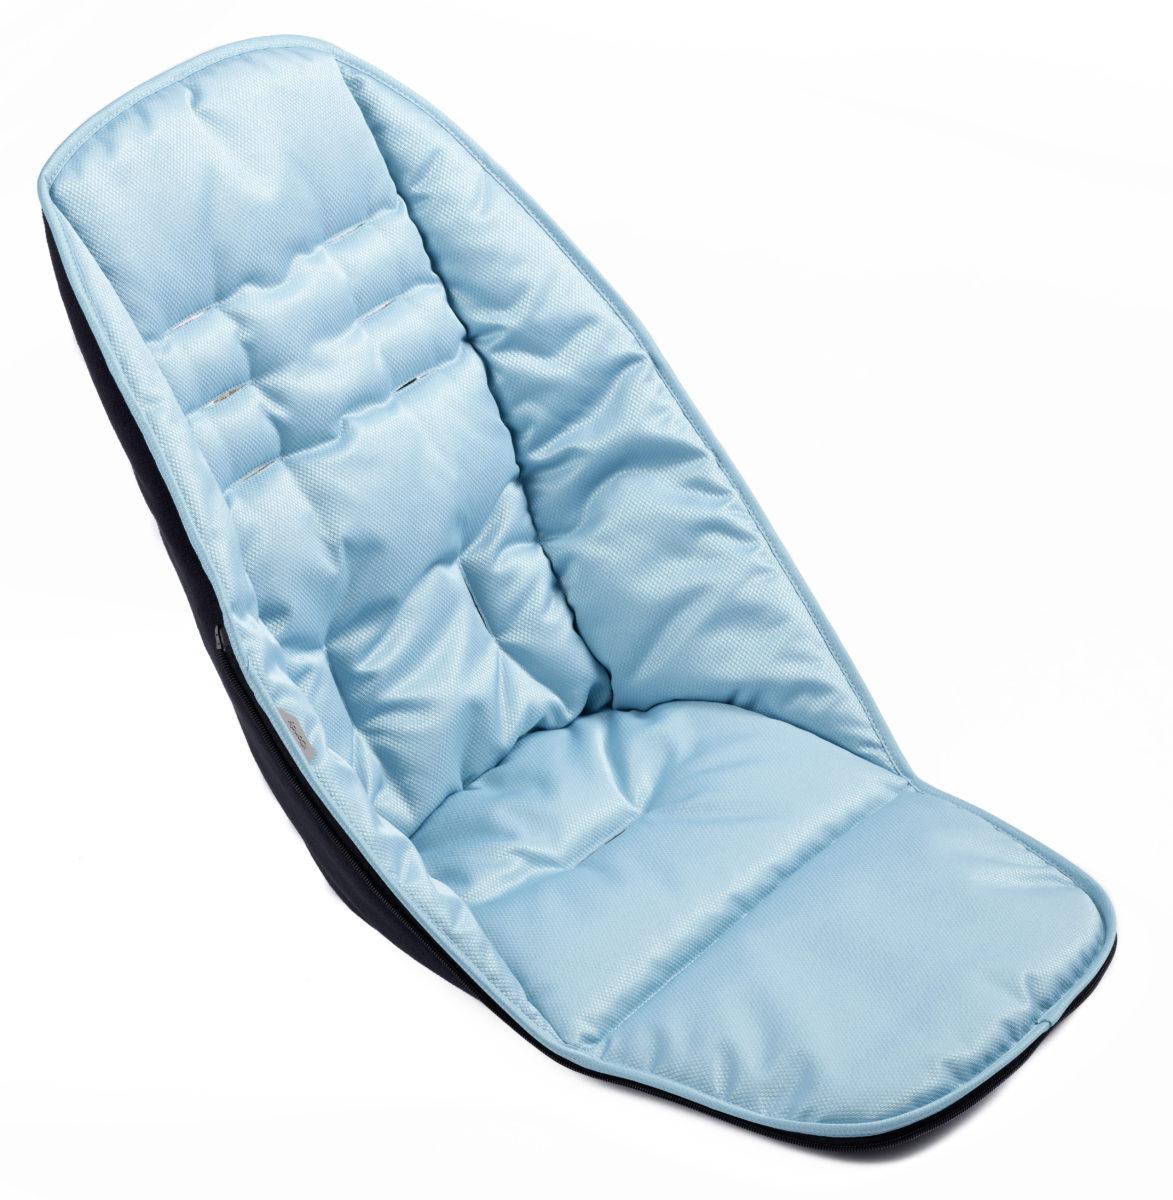 iCandy Lime Seat Liner - Glacier